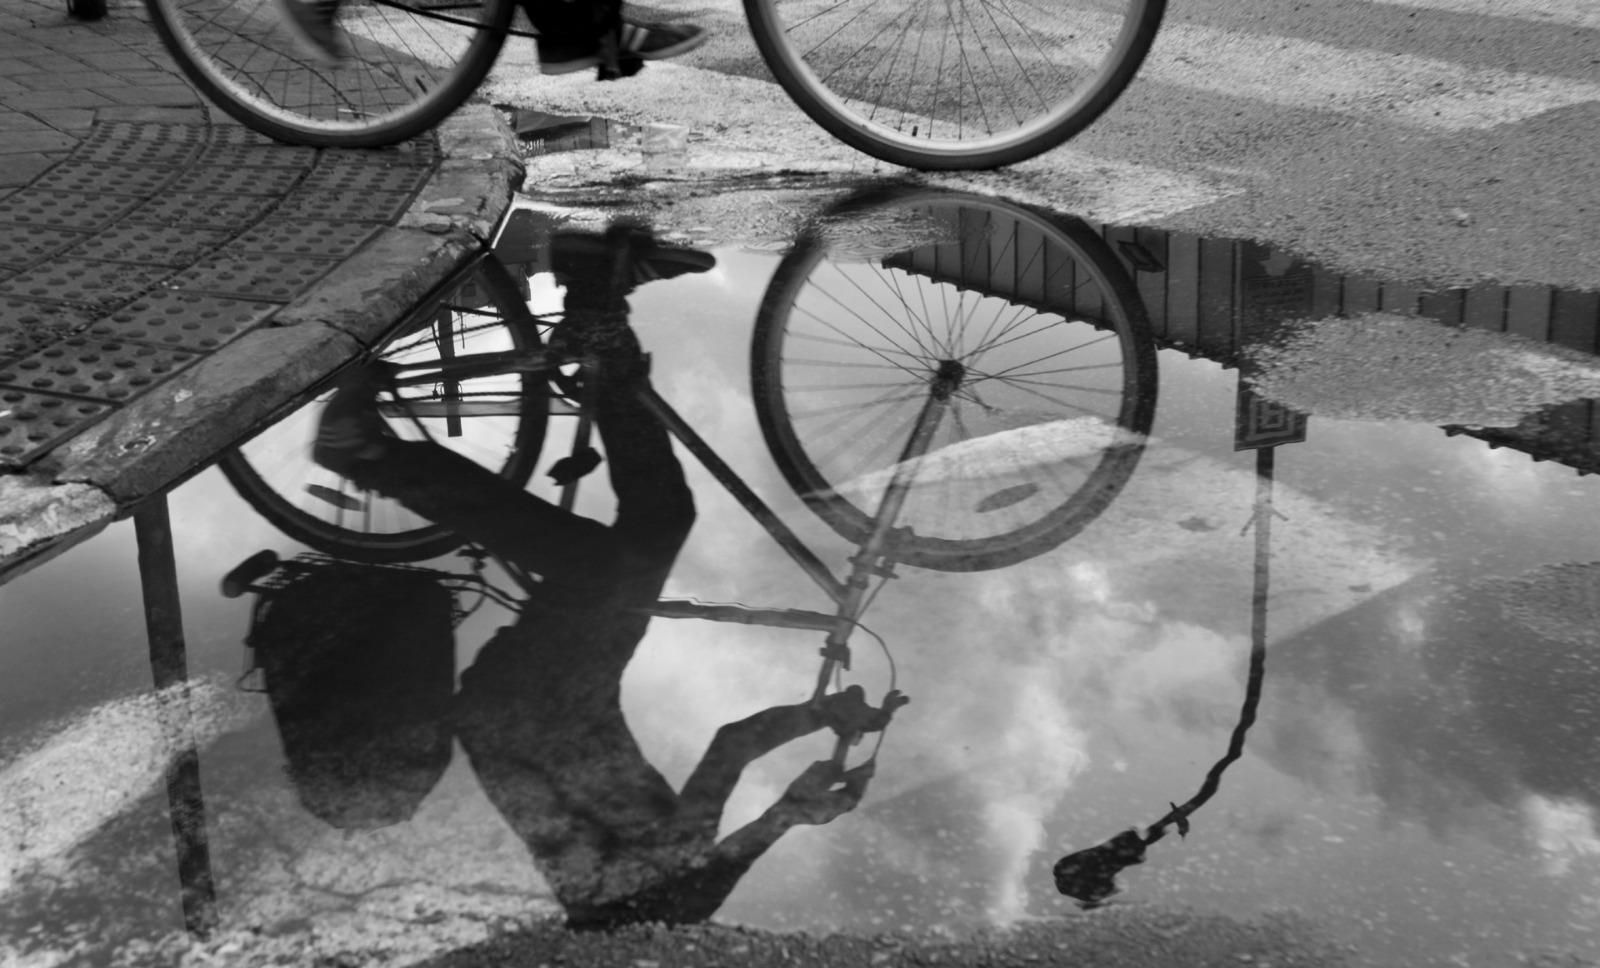 השתקפות של אופניים בשלולית